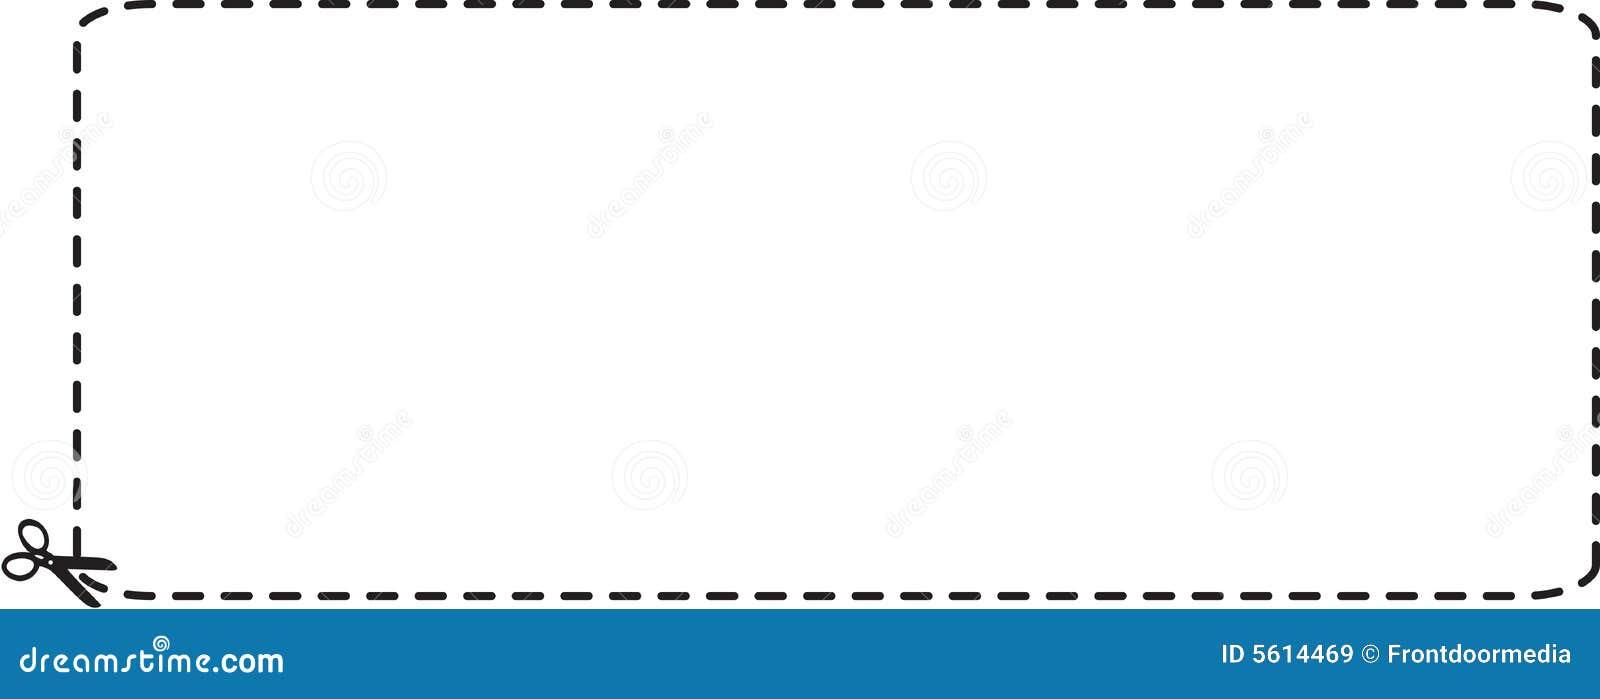 Breite Kupon-Ausschnitts-umreiß